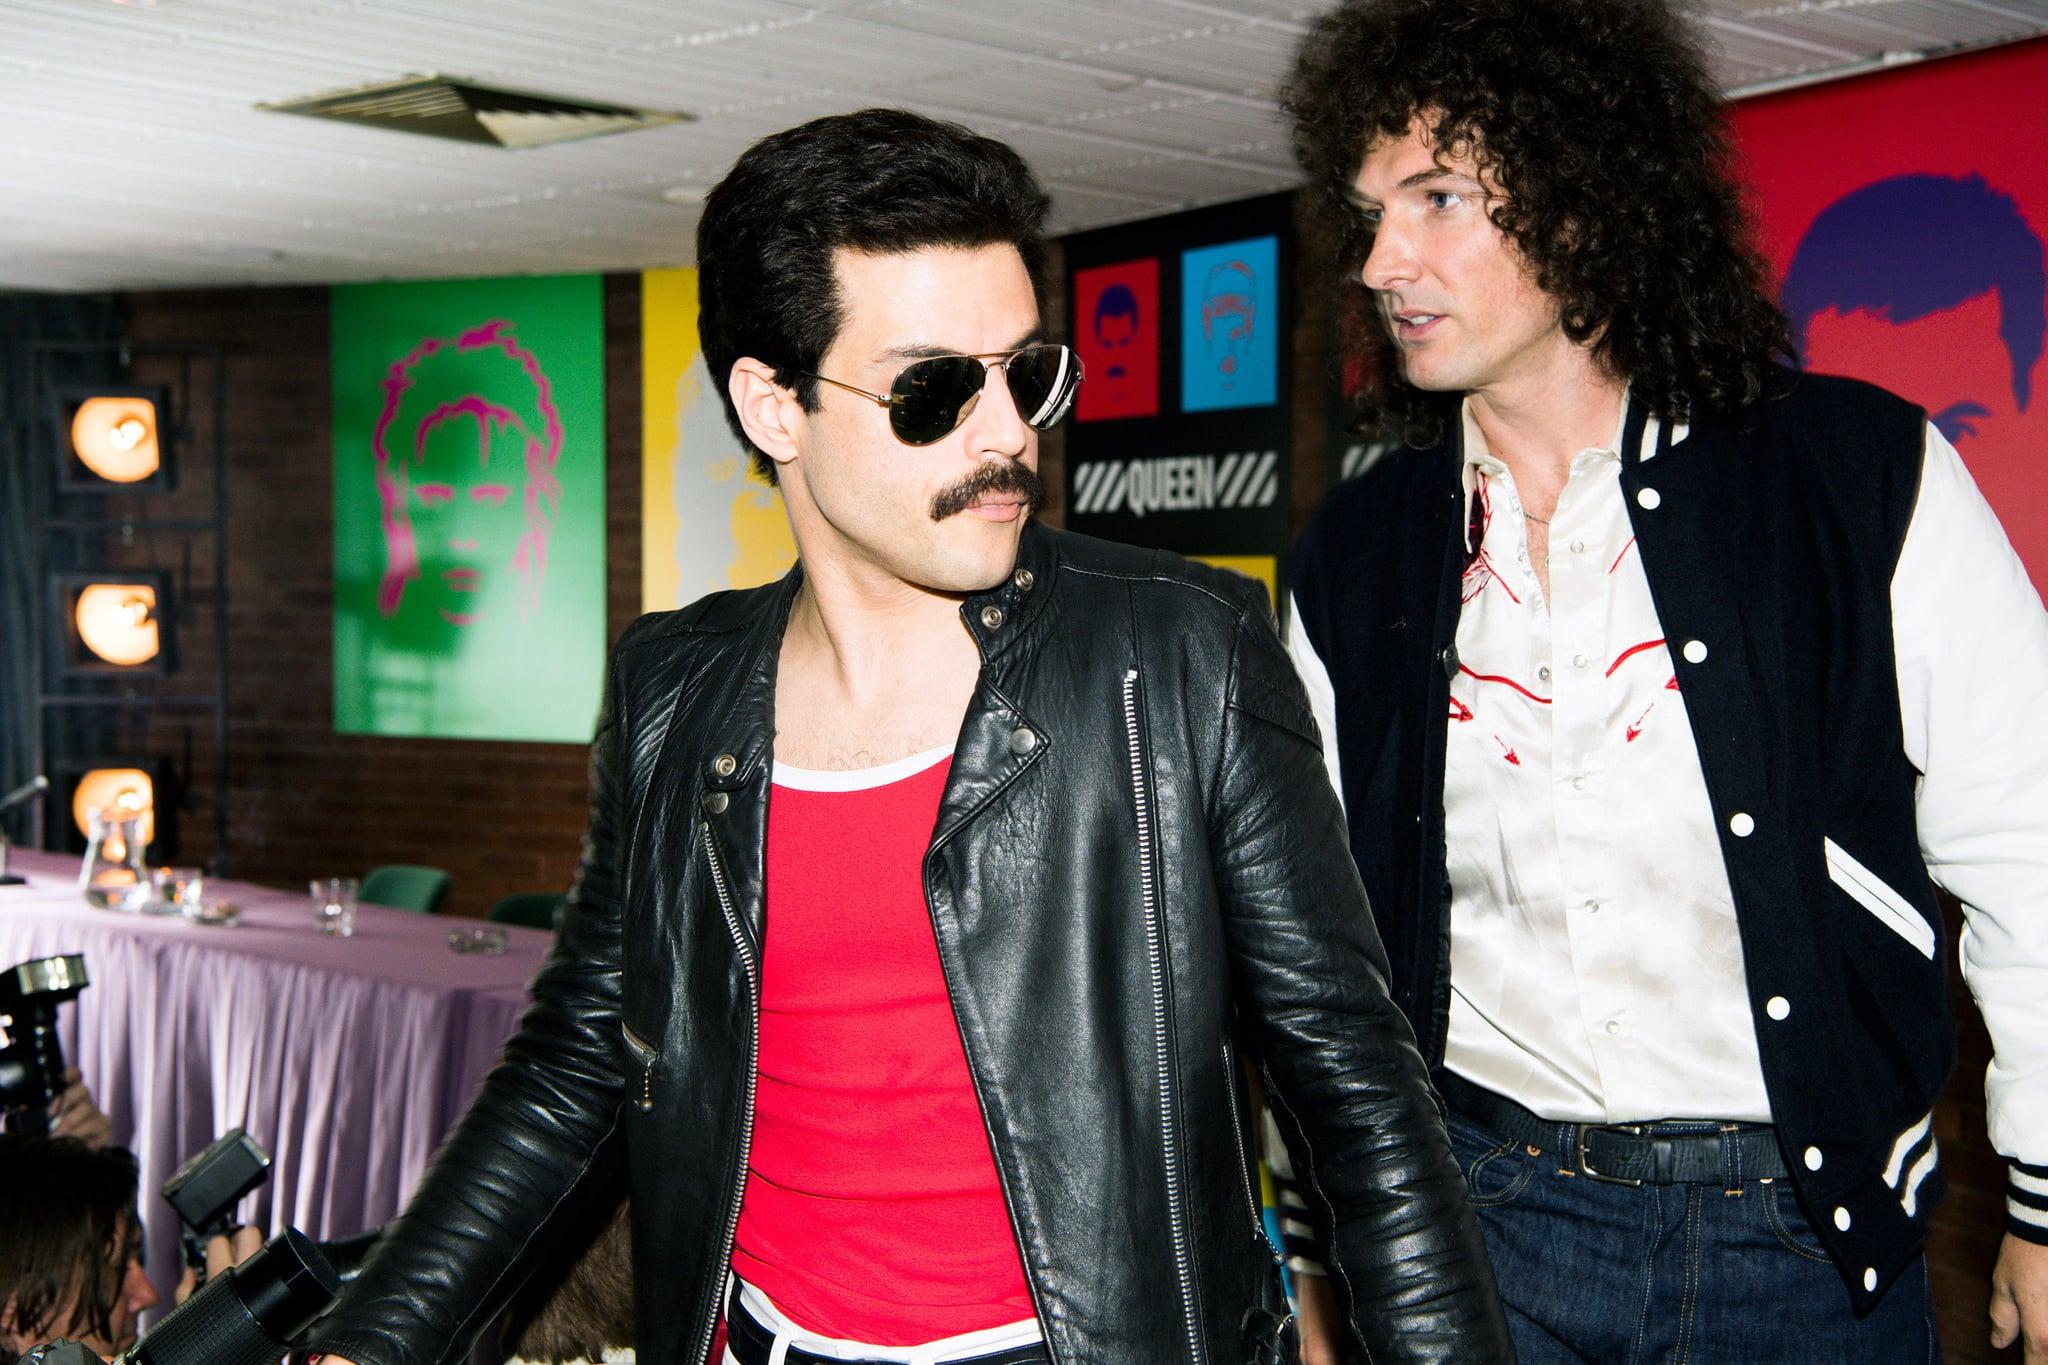 BOHEMIAN RHAPSODY, l-r: Rami Malek as Freddie Mercury, Gwilym Lee as Brian May, 2018. ph: Alex Bailey/TM & copyright  Twentieth Century Fox Film Corp. All rights reserved./courtesy Everett Collection